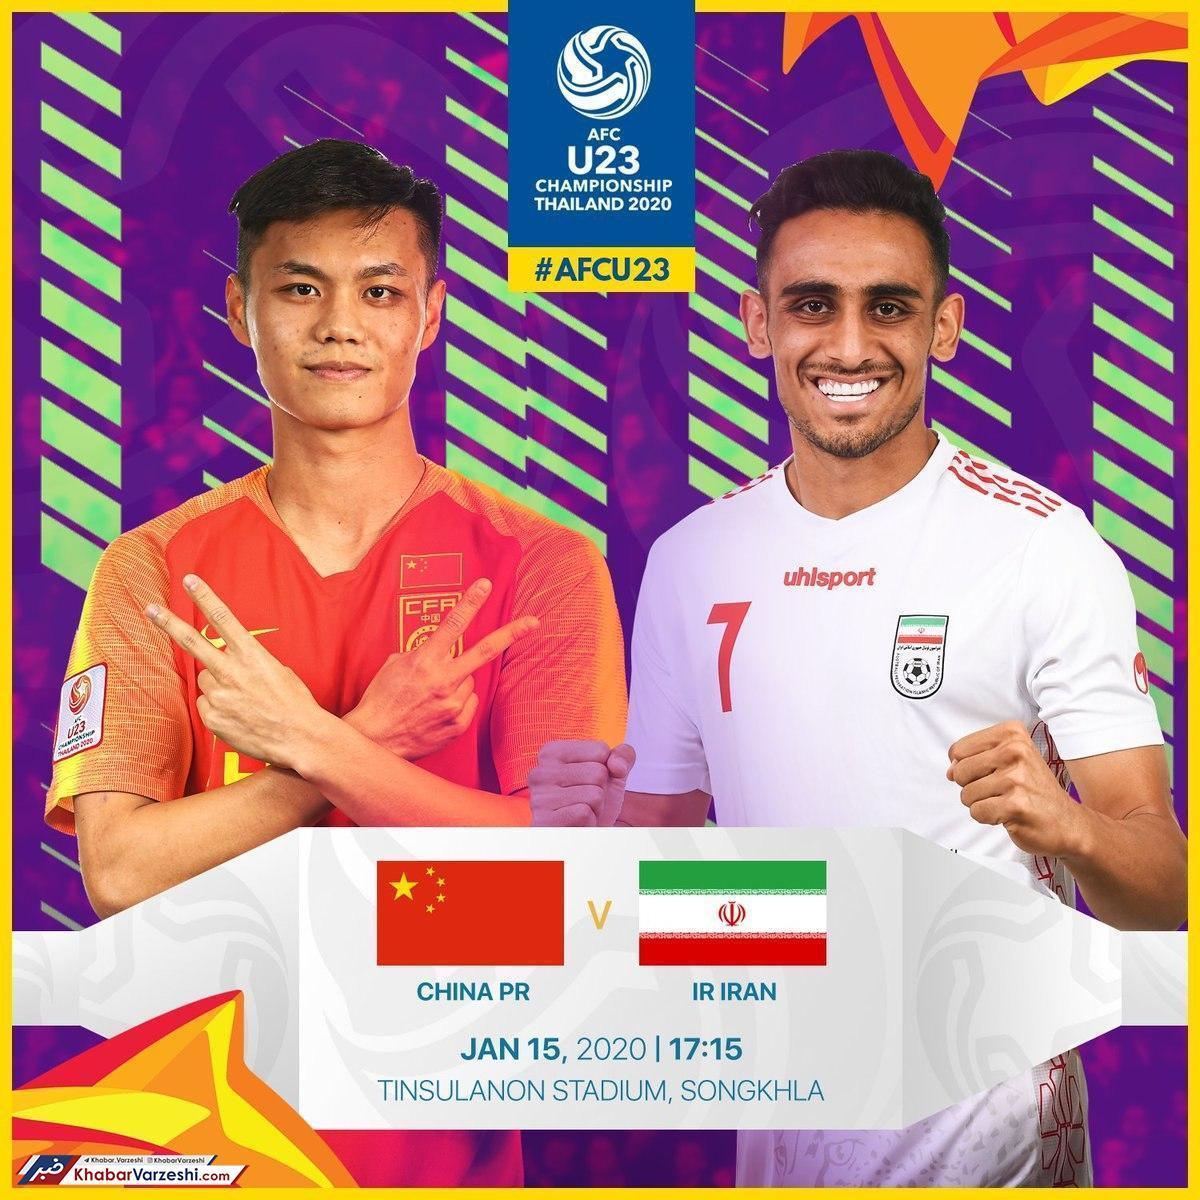 عکس| پوستر AFC برای بازی سرنوشتساز امیدهای ایران و چین